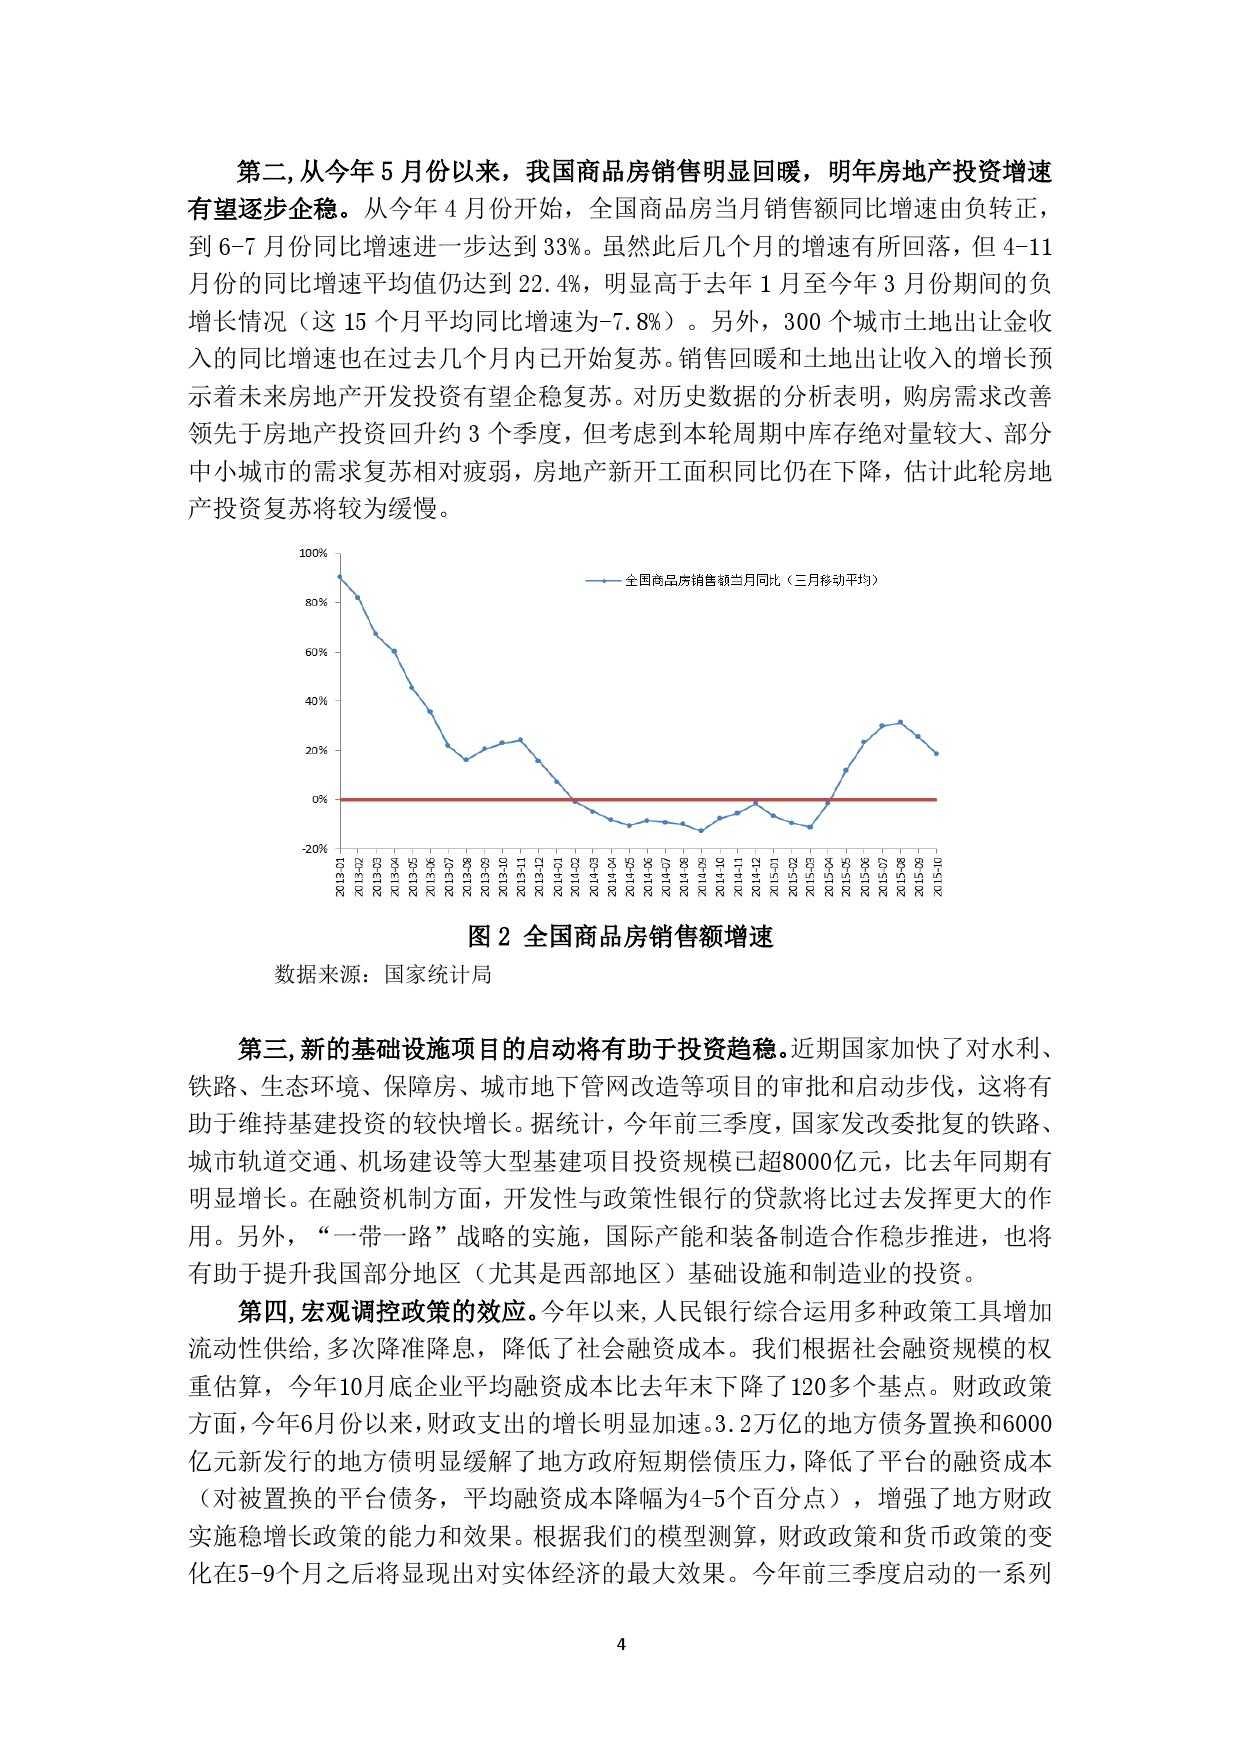 中国人民银行:2016 年中国宏观经济预测_000004